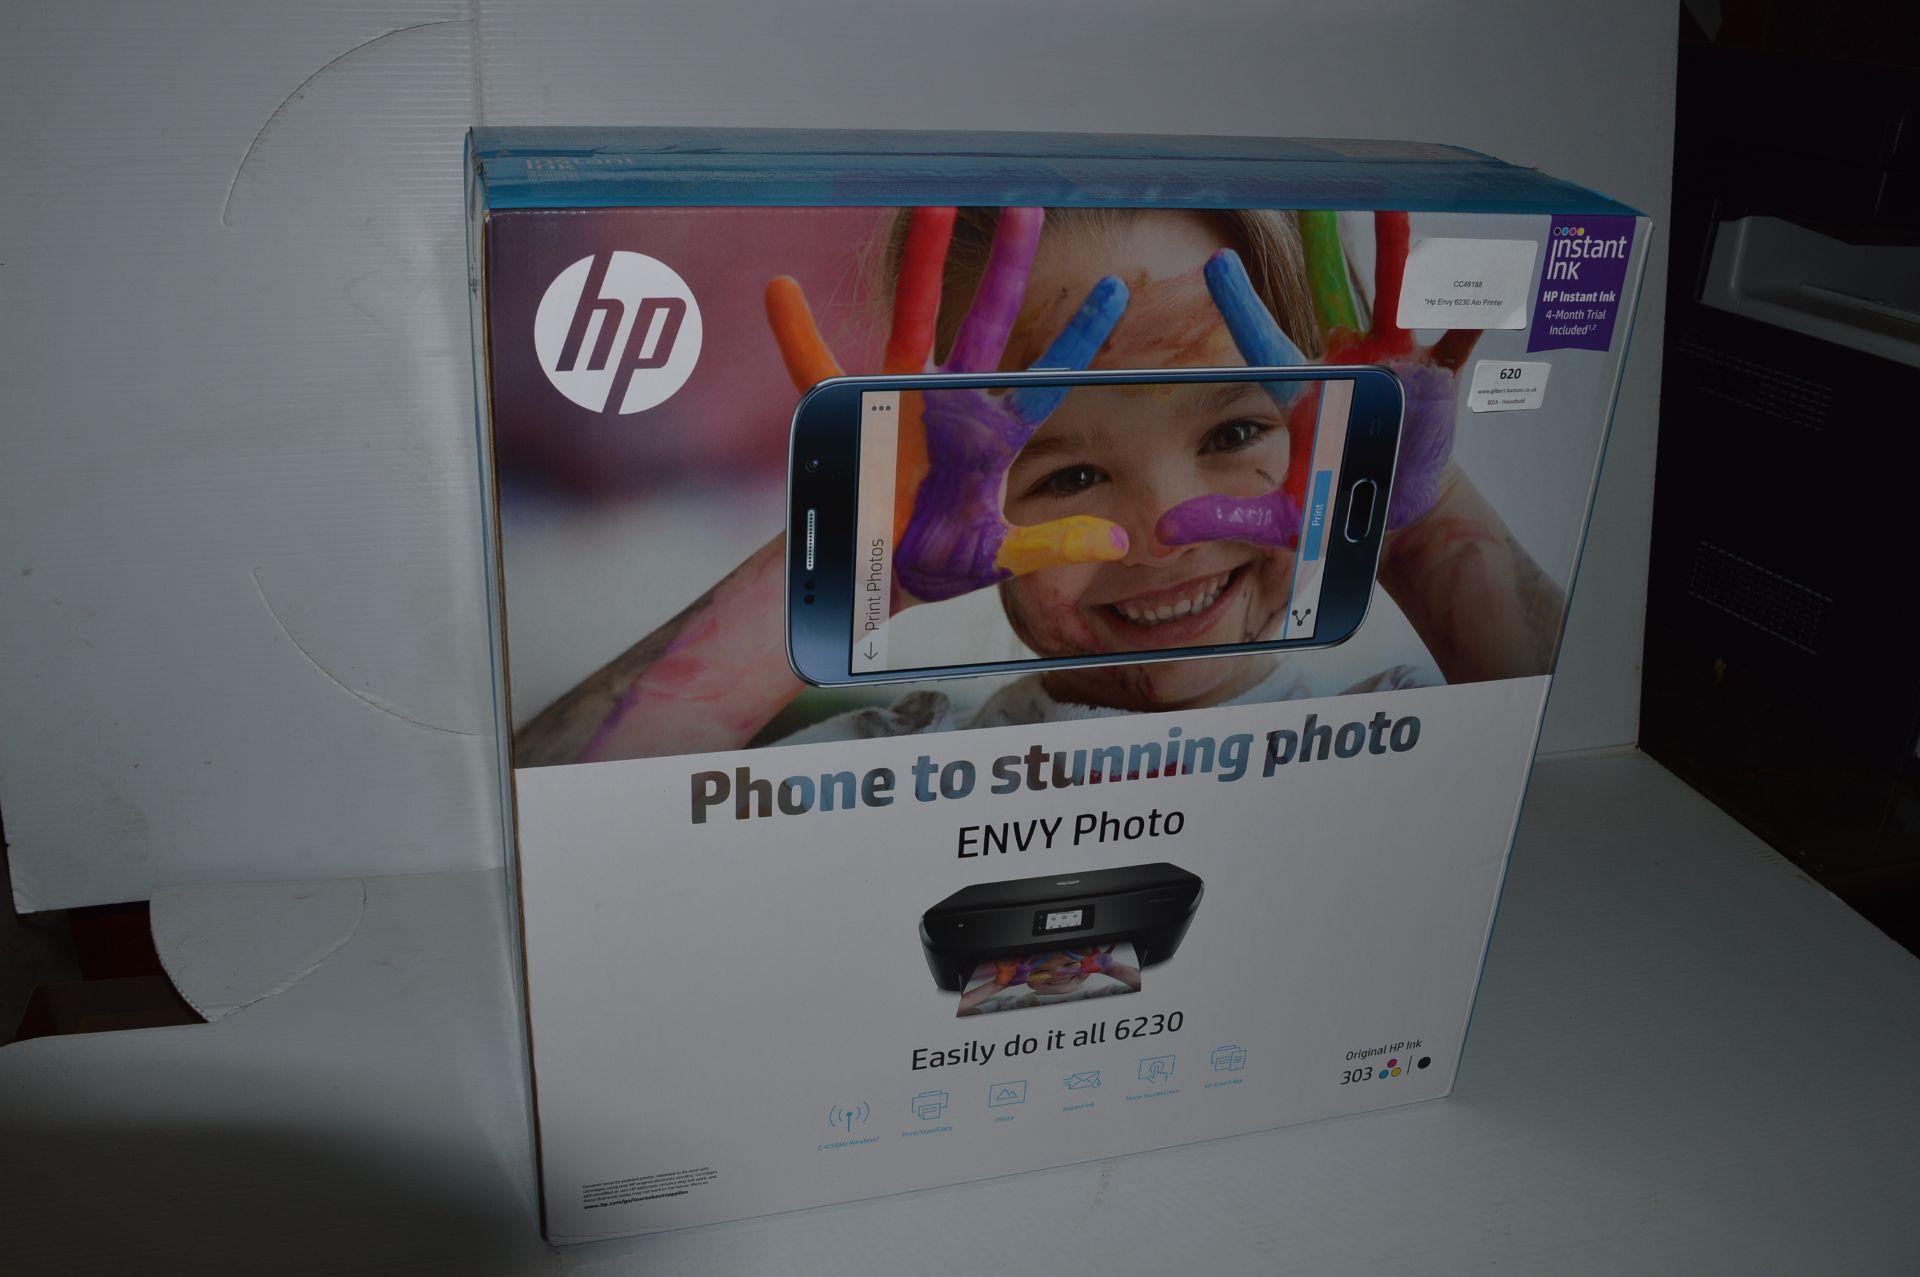 Lot 620 - *HP Envy 6230 Aio Printer